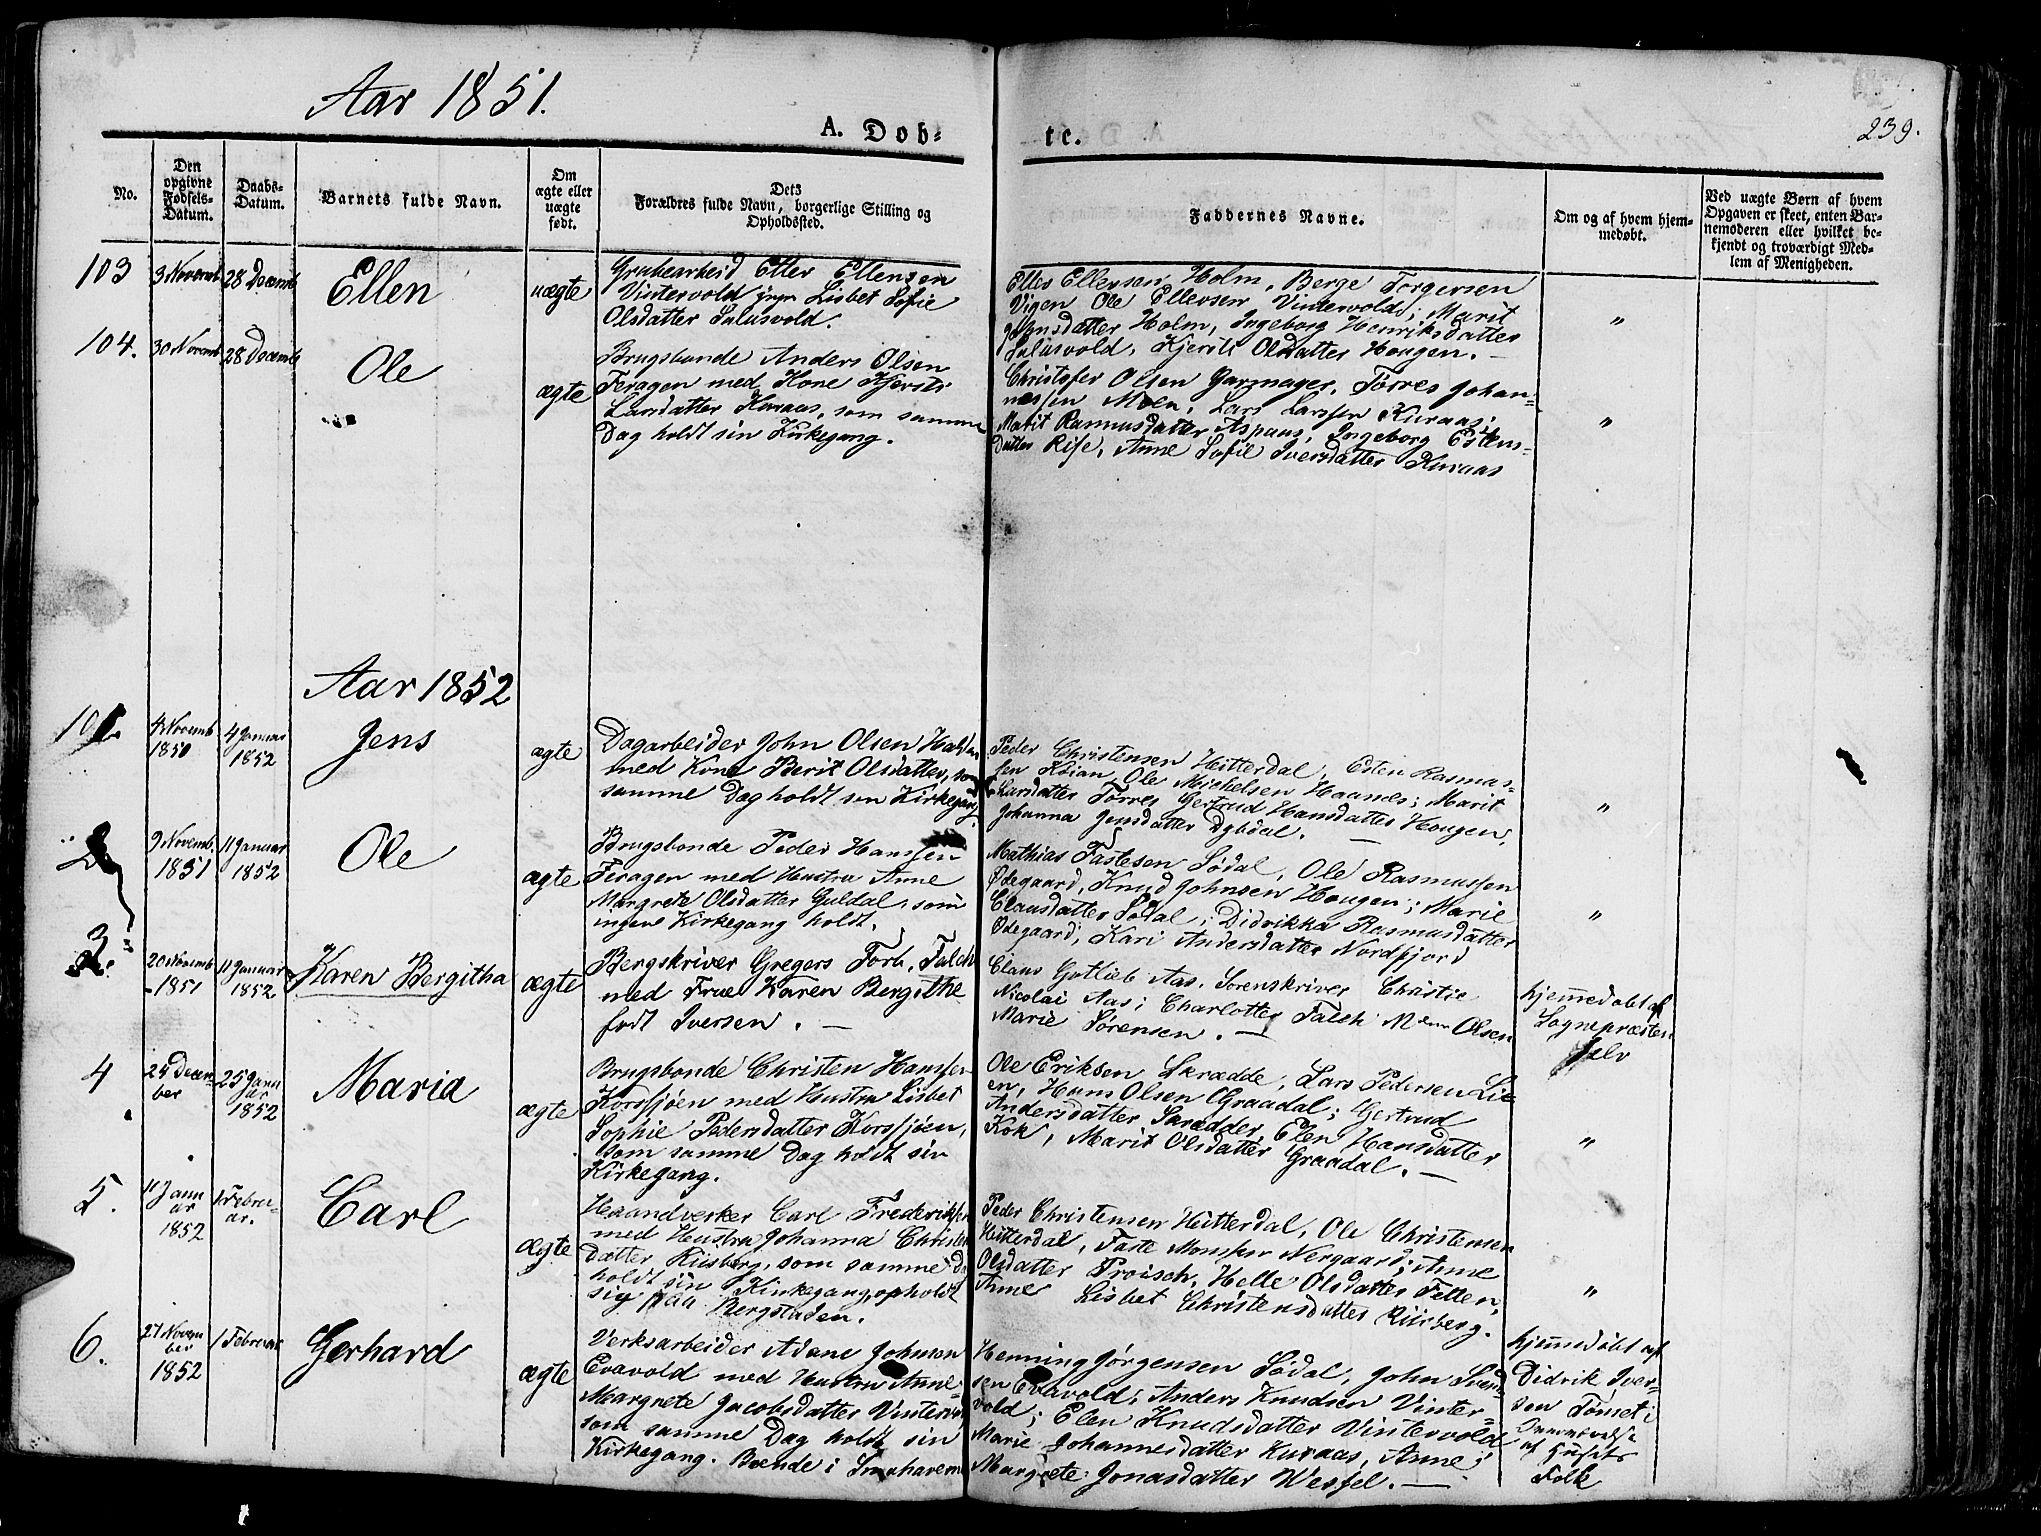 SAT, Ministerialprotokoller, klokkerbøker og fødselsregistre - Sør-Trøndelag, 681/L0938: Klokkerbok nr. 681C02, 1829-1879, s. 239